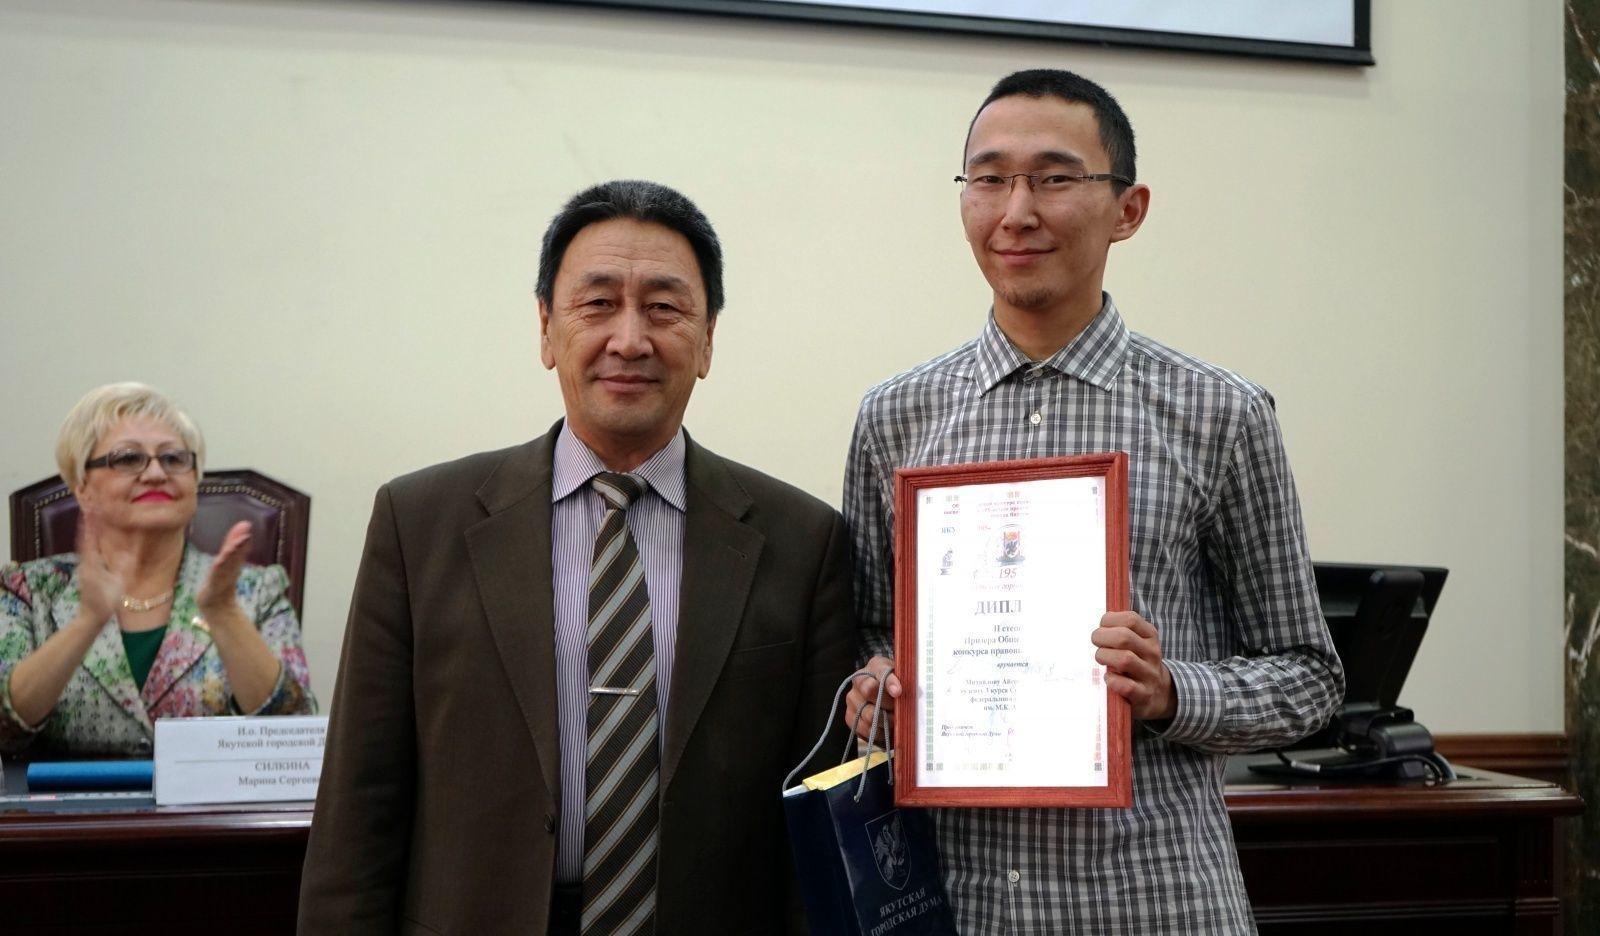 Гордума наградила победителей конкурса Правовых инициатив